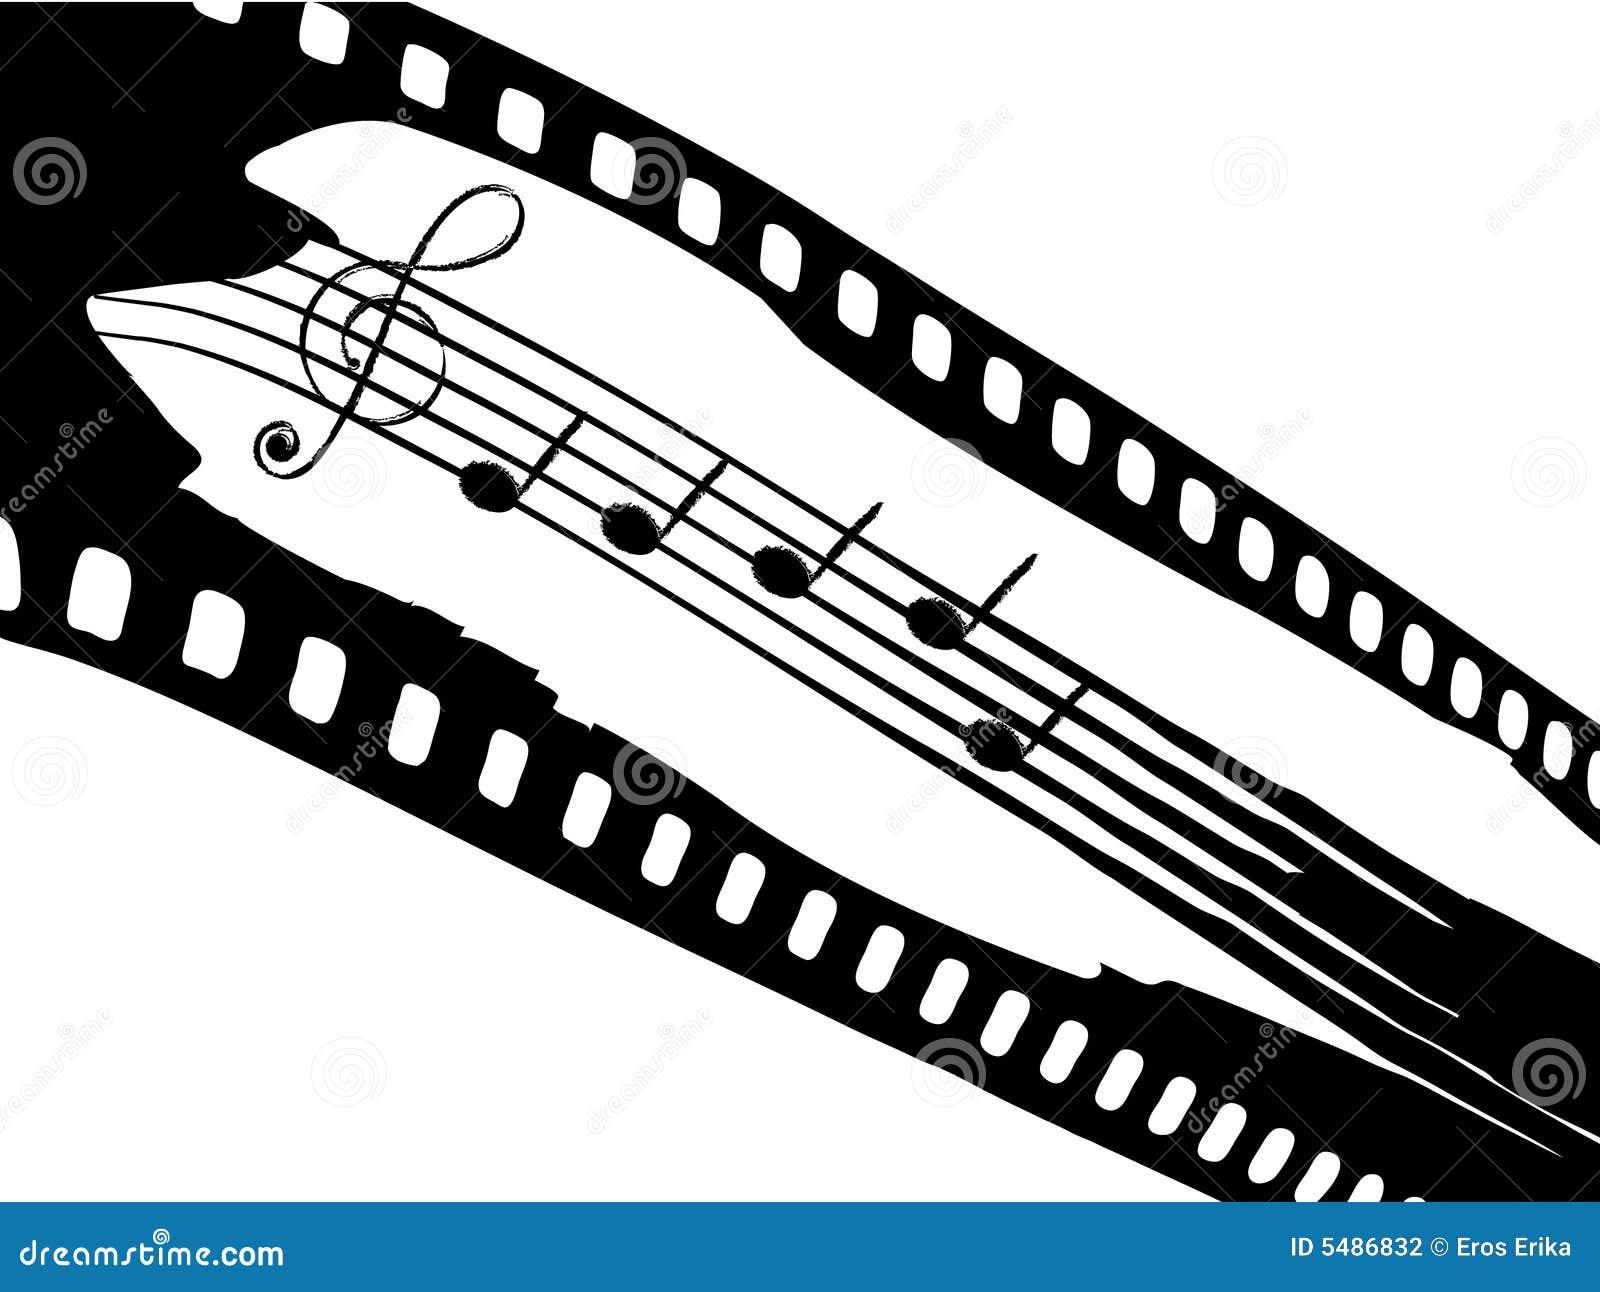 filmstreifen mit elementen von musik vektor abbildung illustration von graphik konzert 5486832. Black Bedroom Furniture Sets. Home Design Ideas